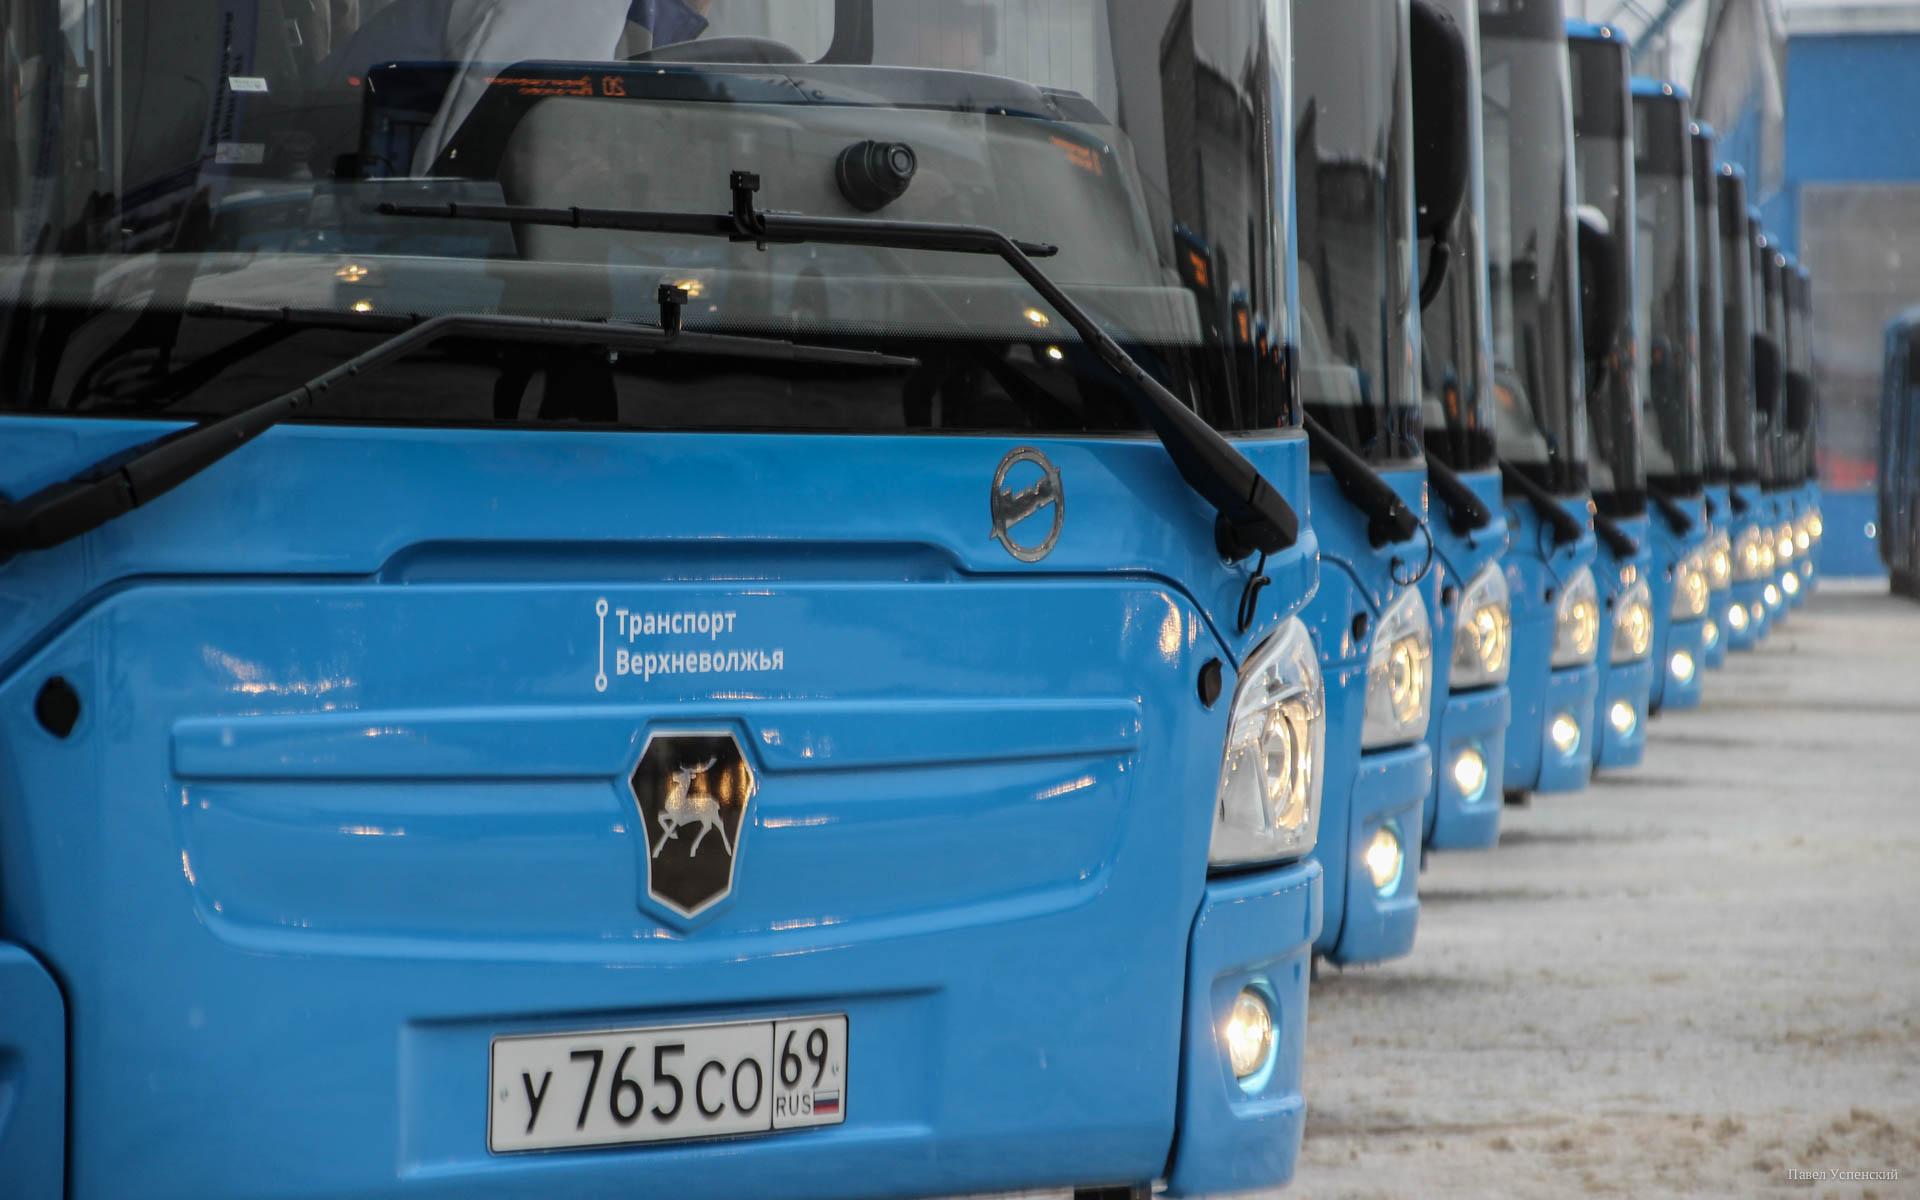 «Транспорт Верхневолжья» рассказал, на каких маршрутах Твери больше всего «зайцев» - новости Афанасий